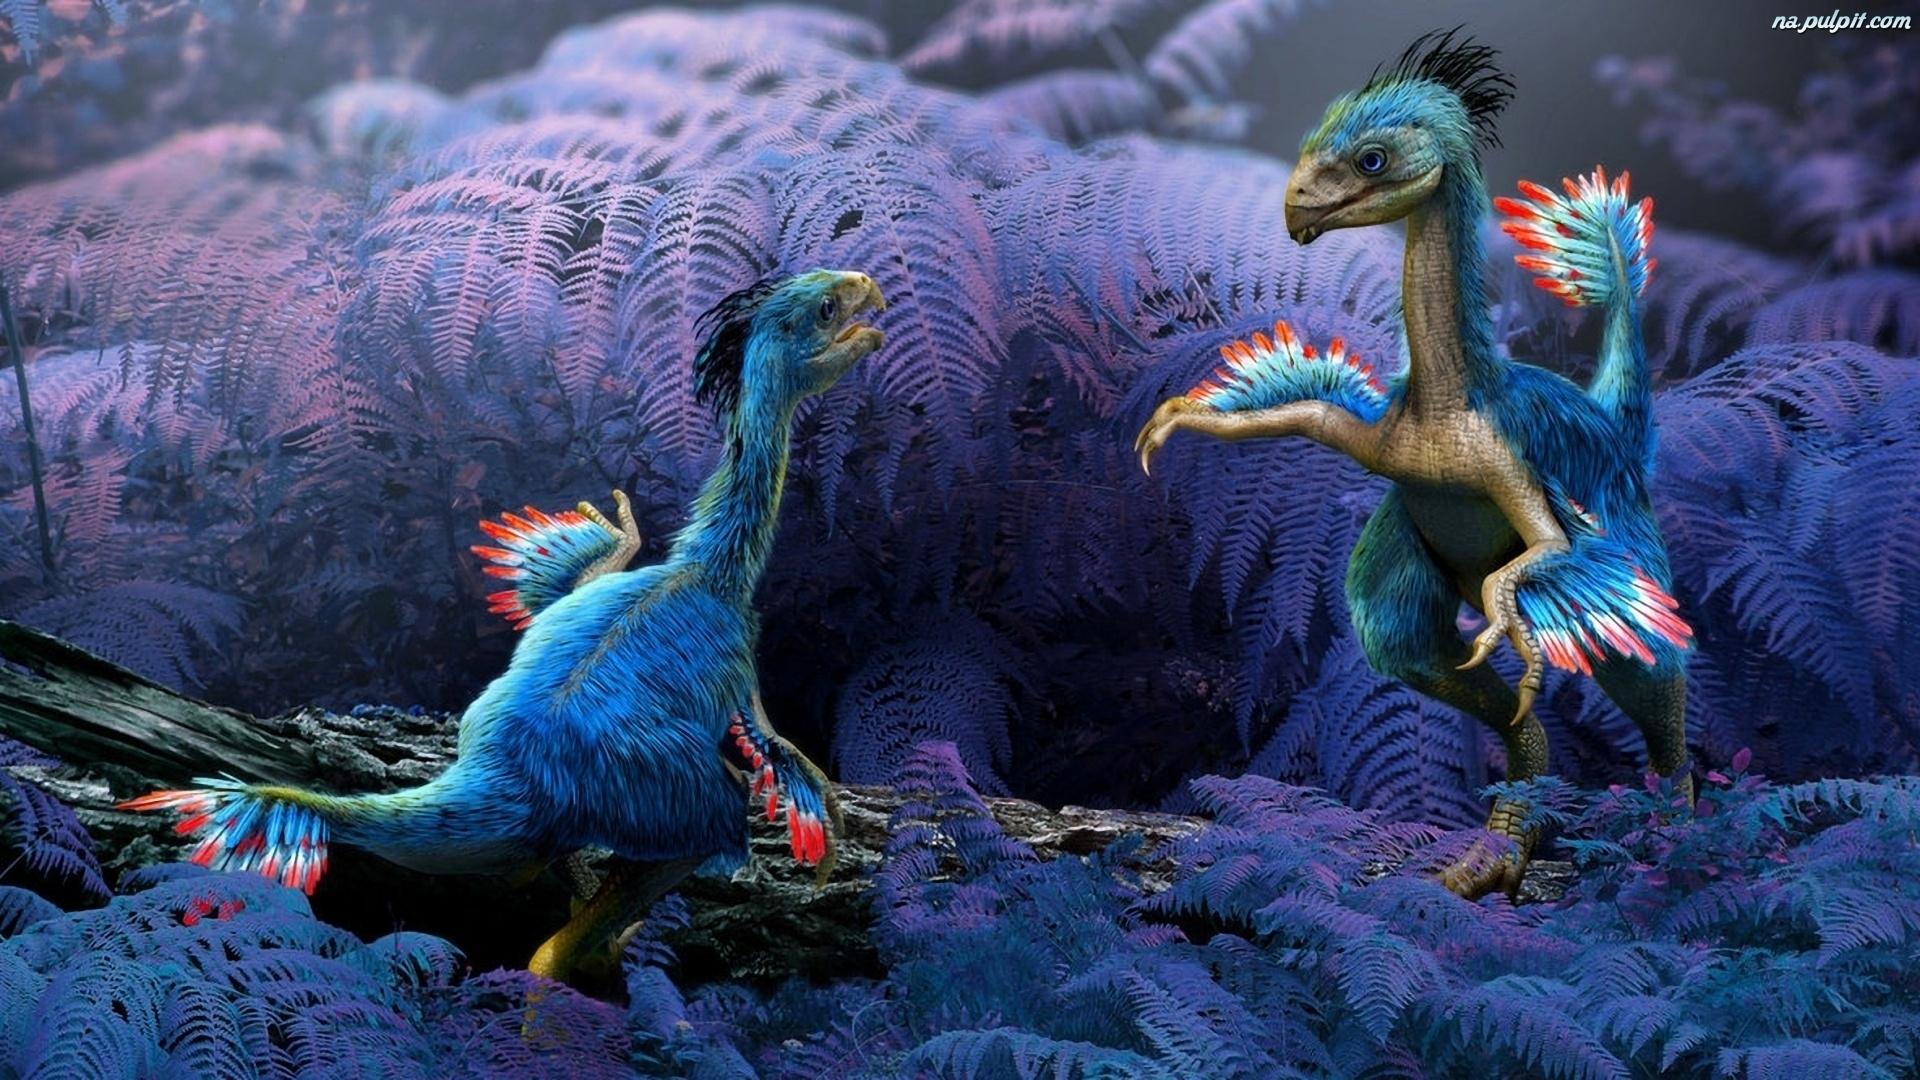 dinosaur wallpaper hd